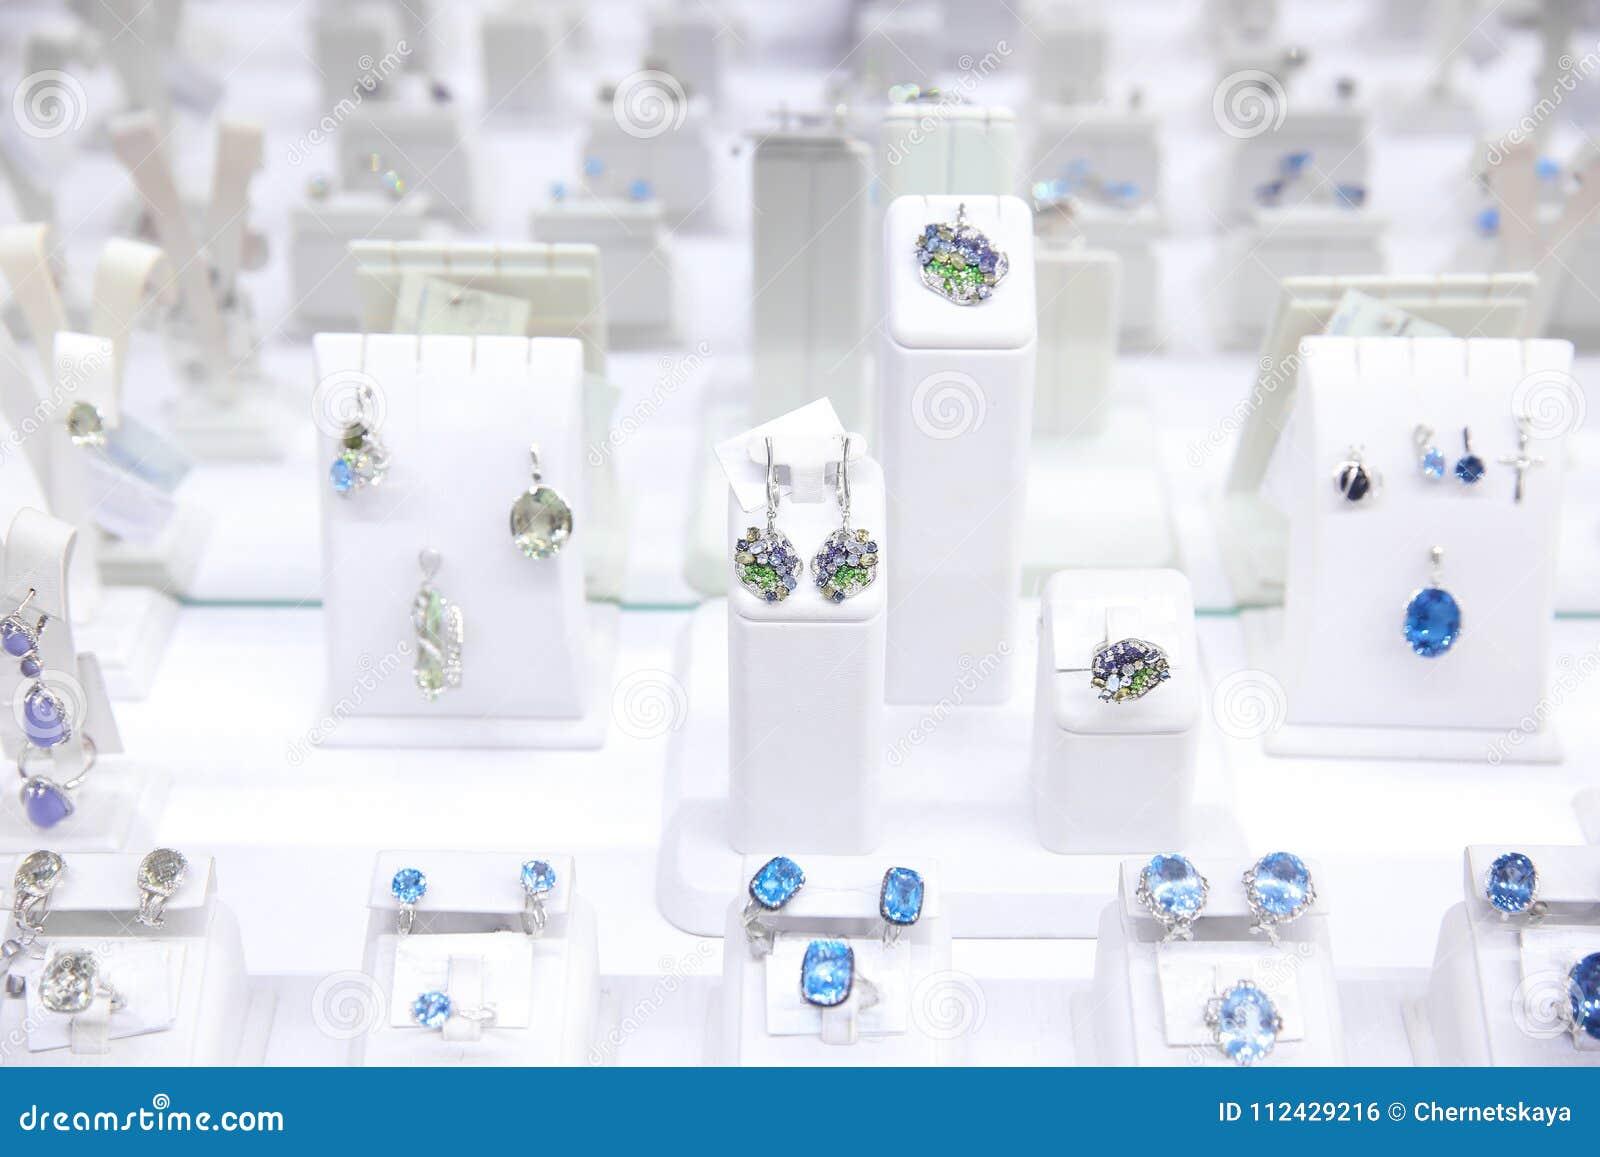 Vetrina con gioielli